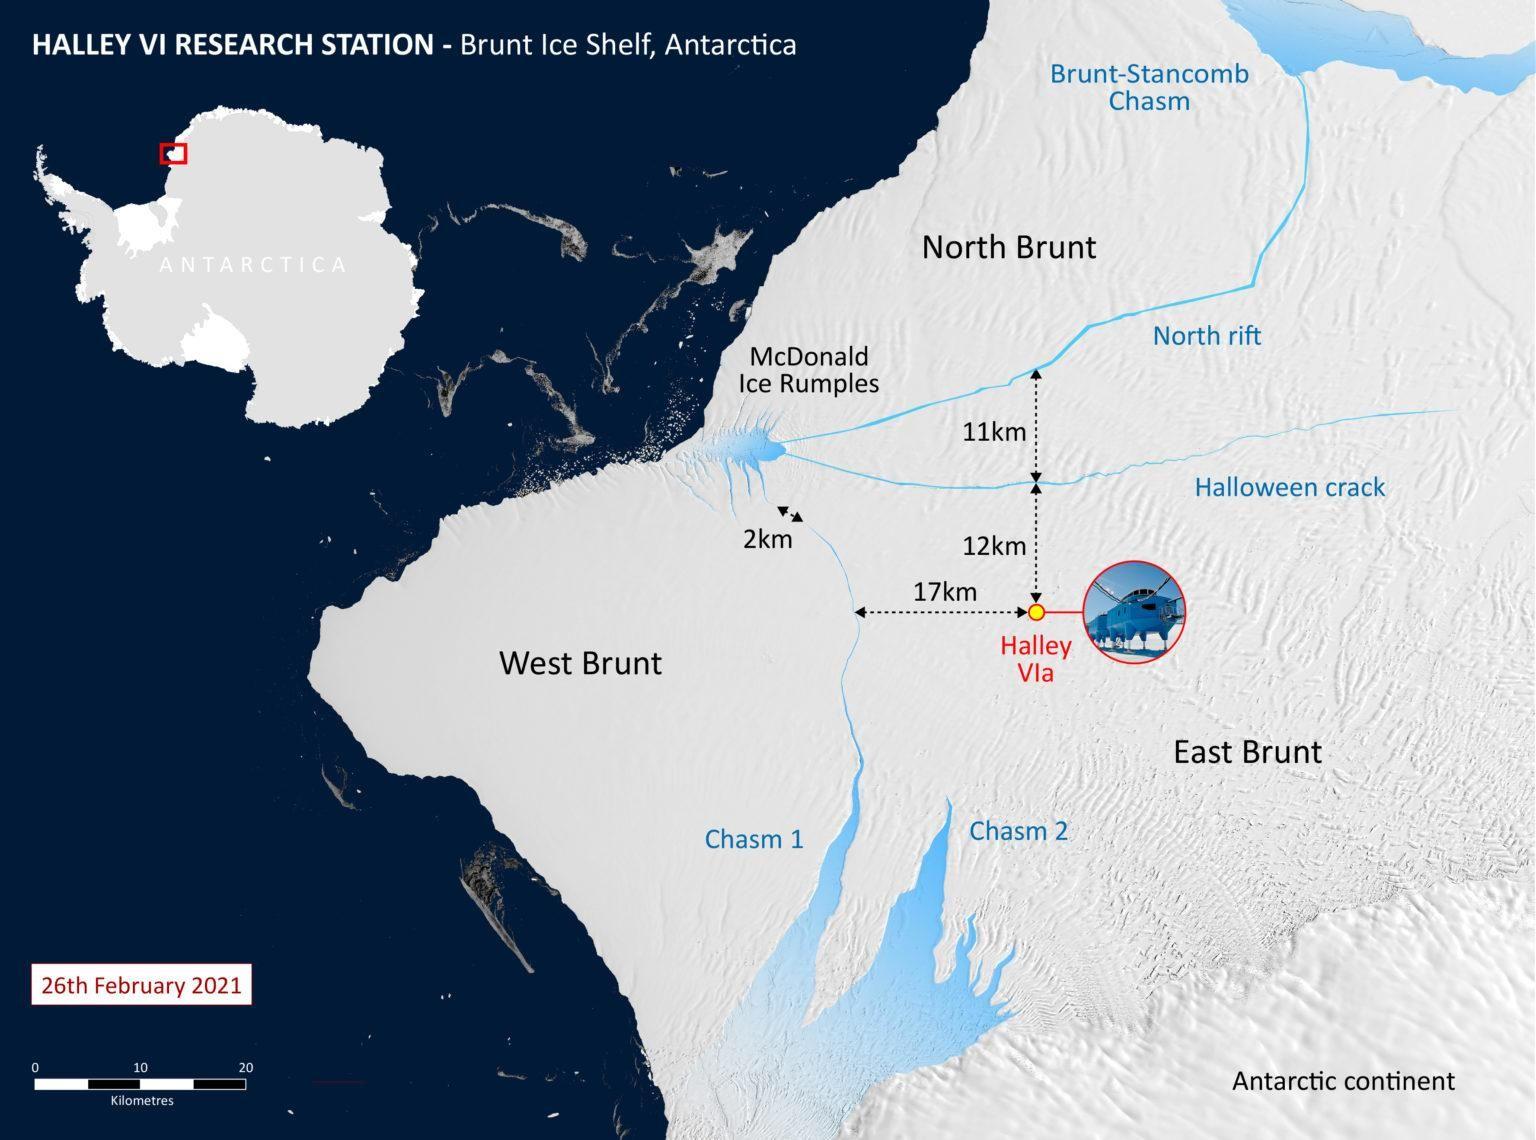 Розлам стався трохи більше ніж за 20 кілометрів від британської дослідницької станції Галлей